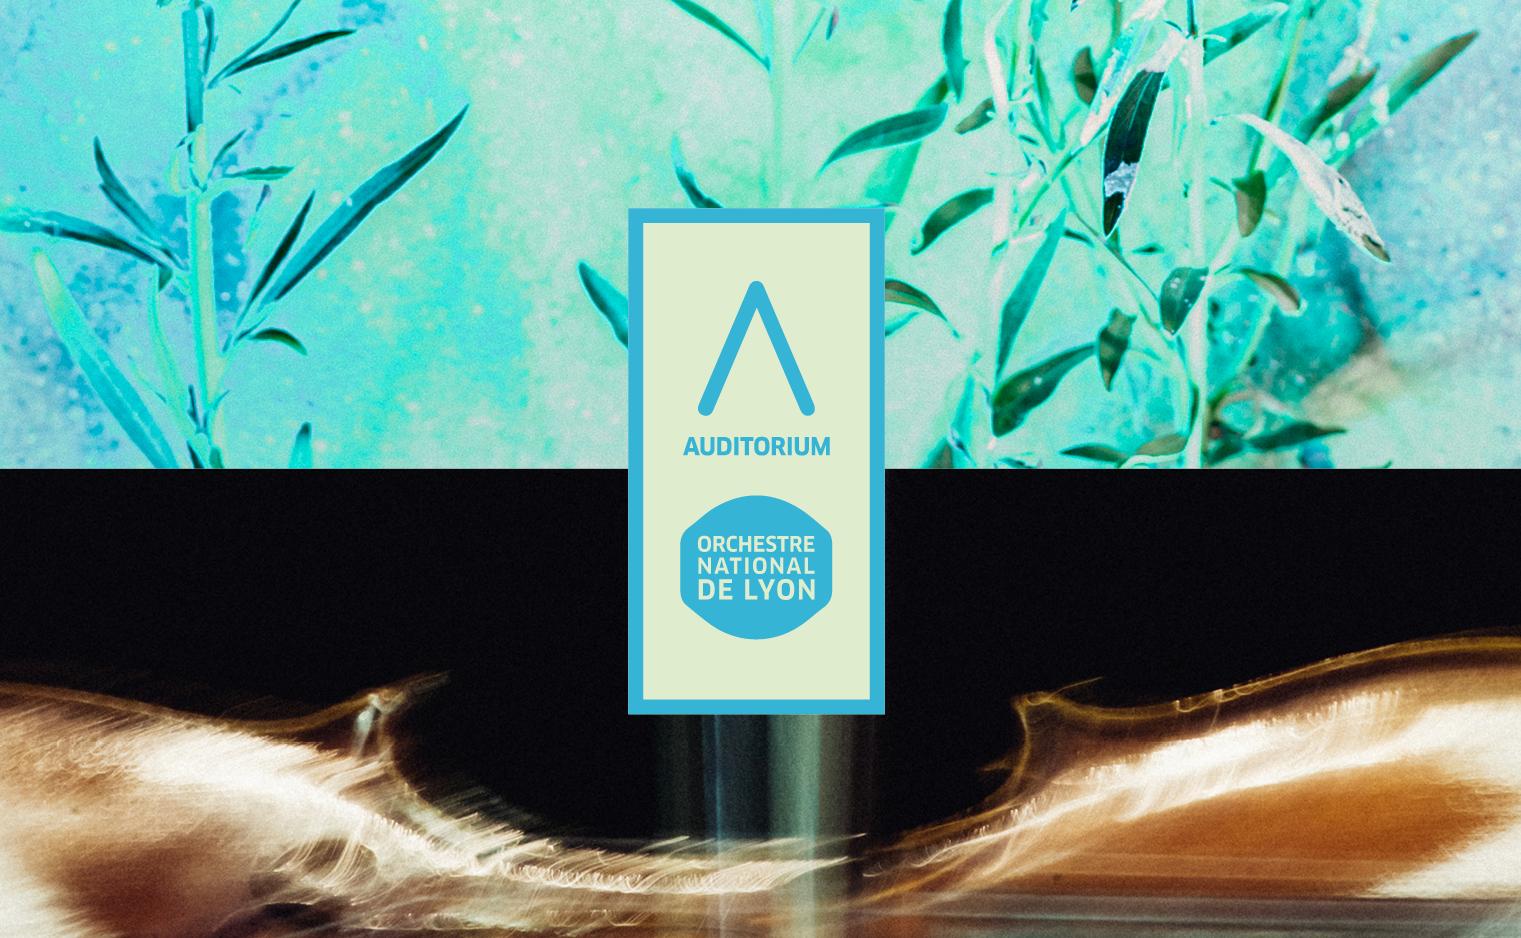 Auditorium - Orchestre National de Lyon : la Symphonie héroïque